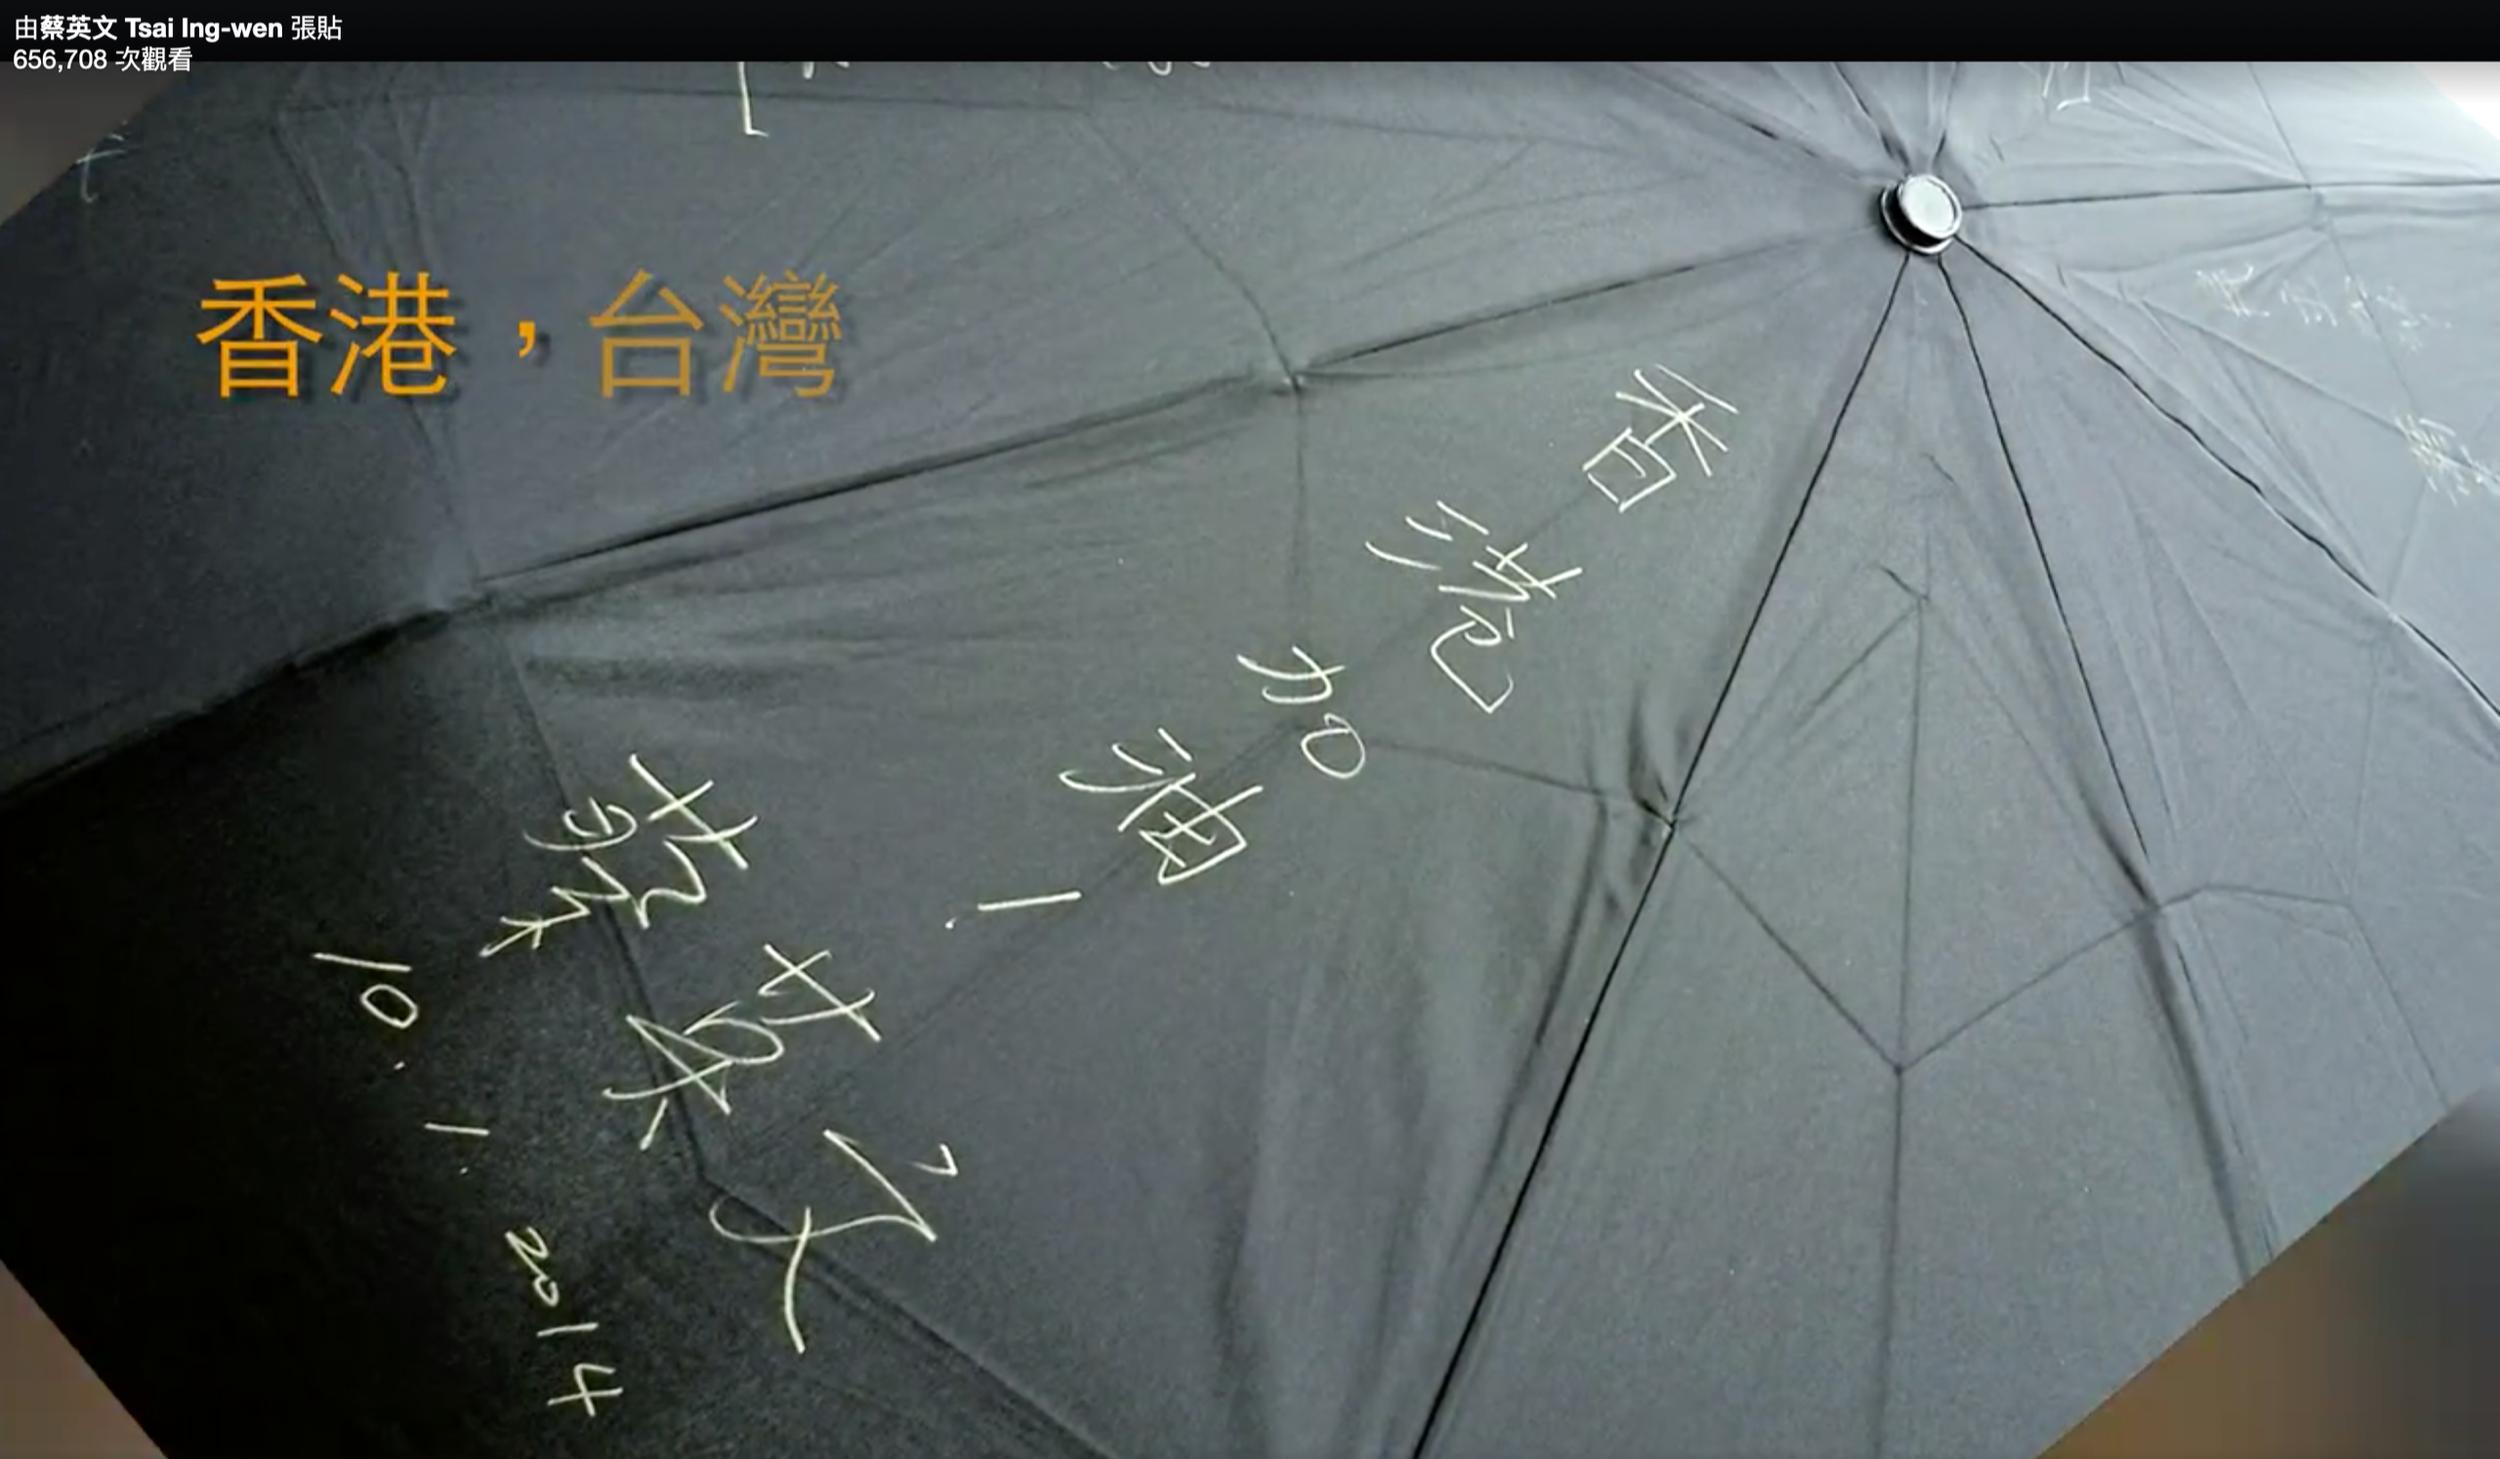 蔡英文任民进党党主席,未当上总统时,曾在2014年声援过雨伞运动。(记者夏小华摄)